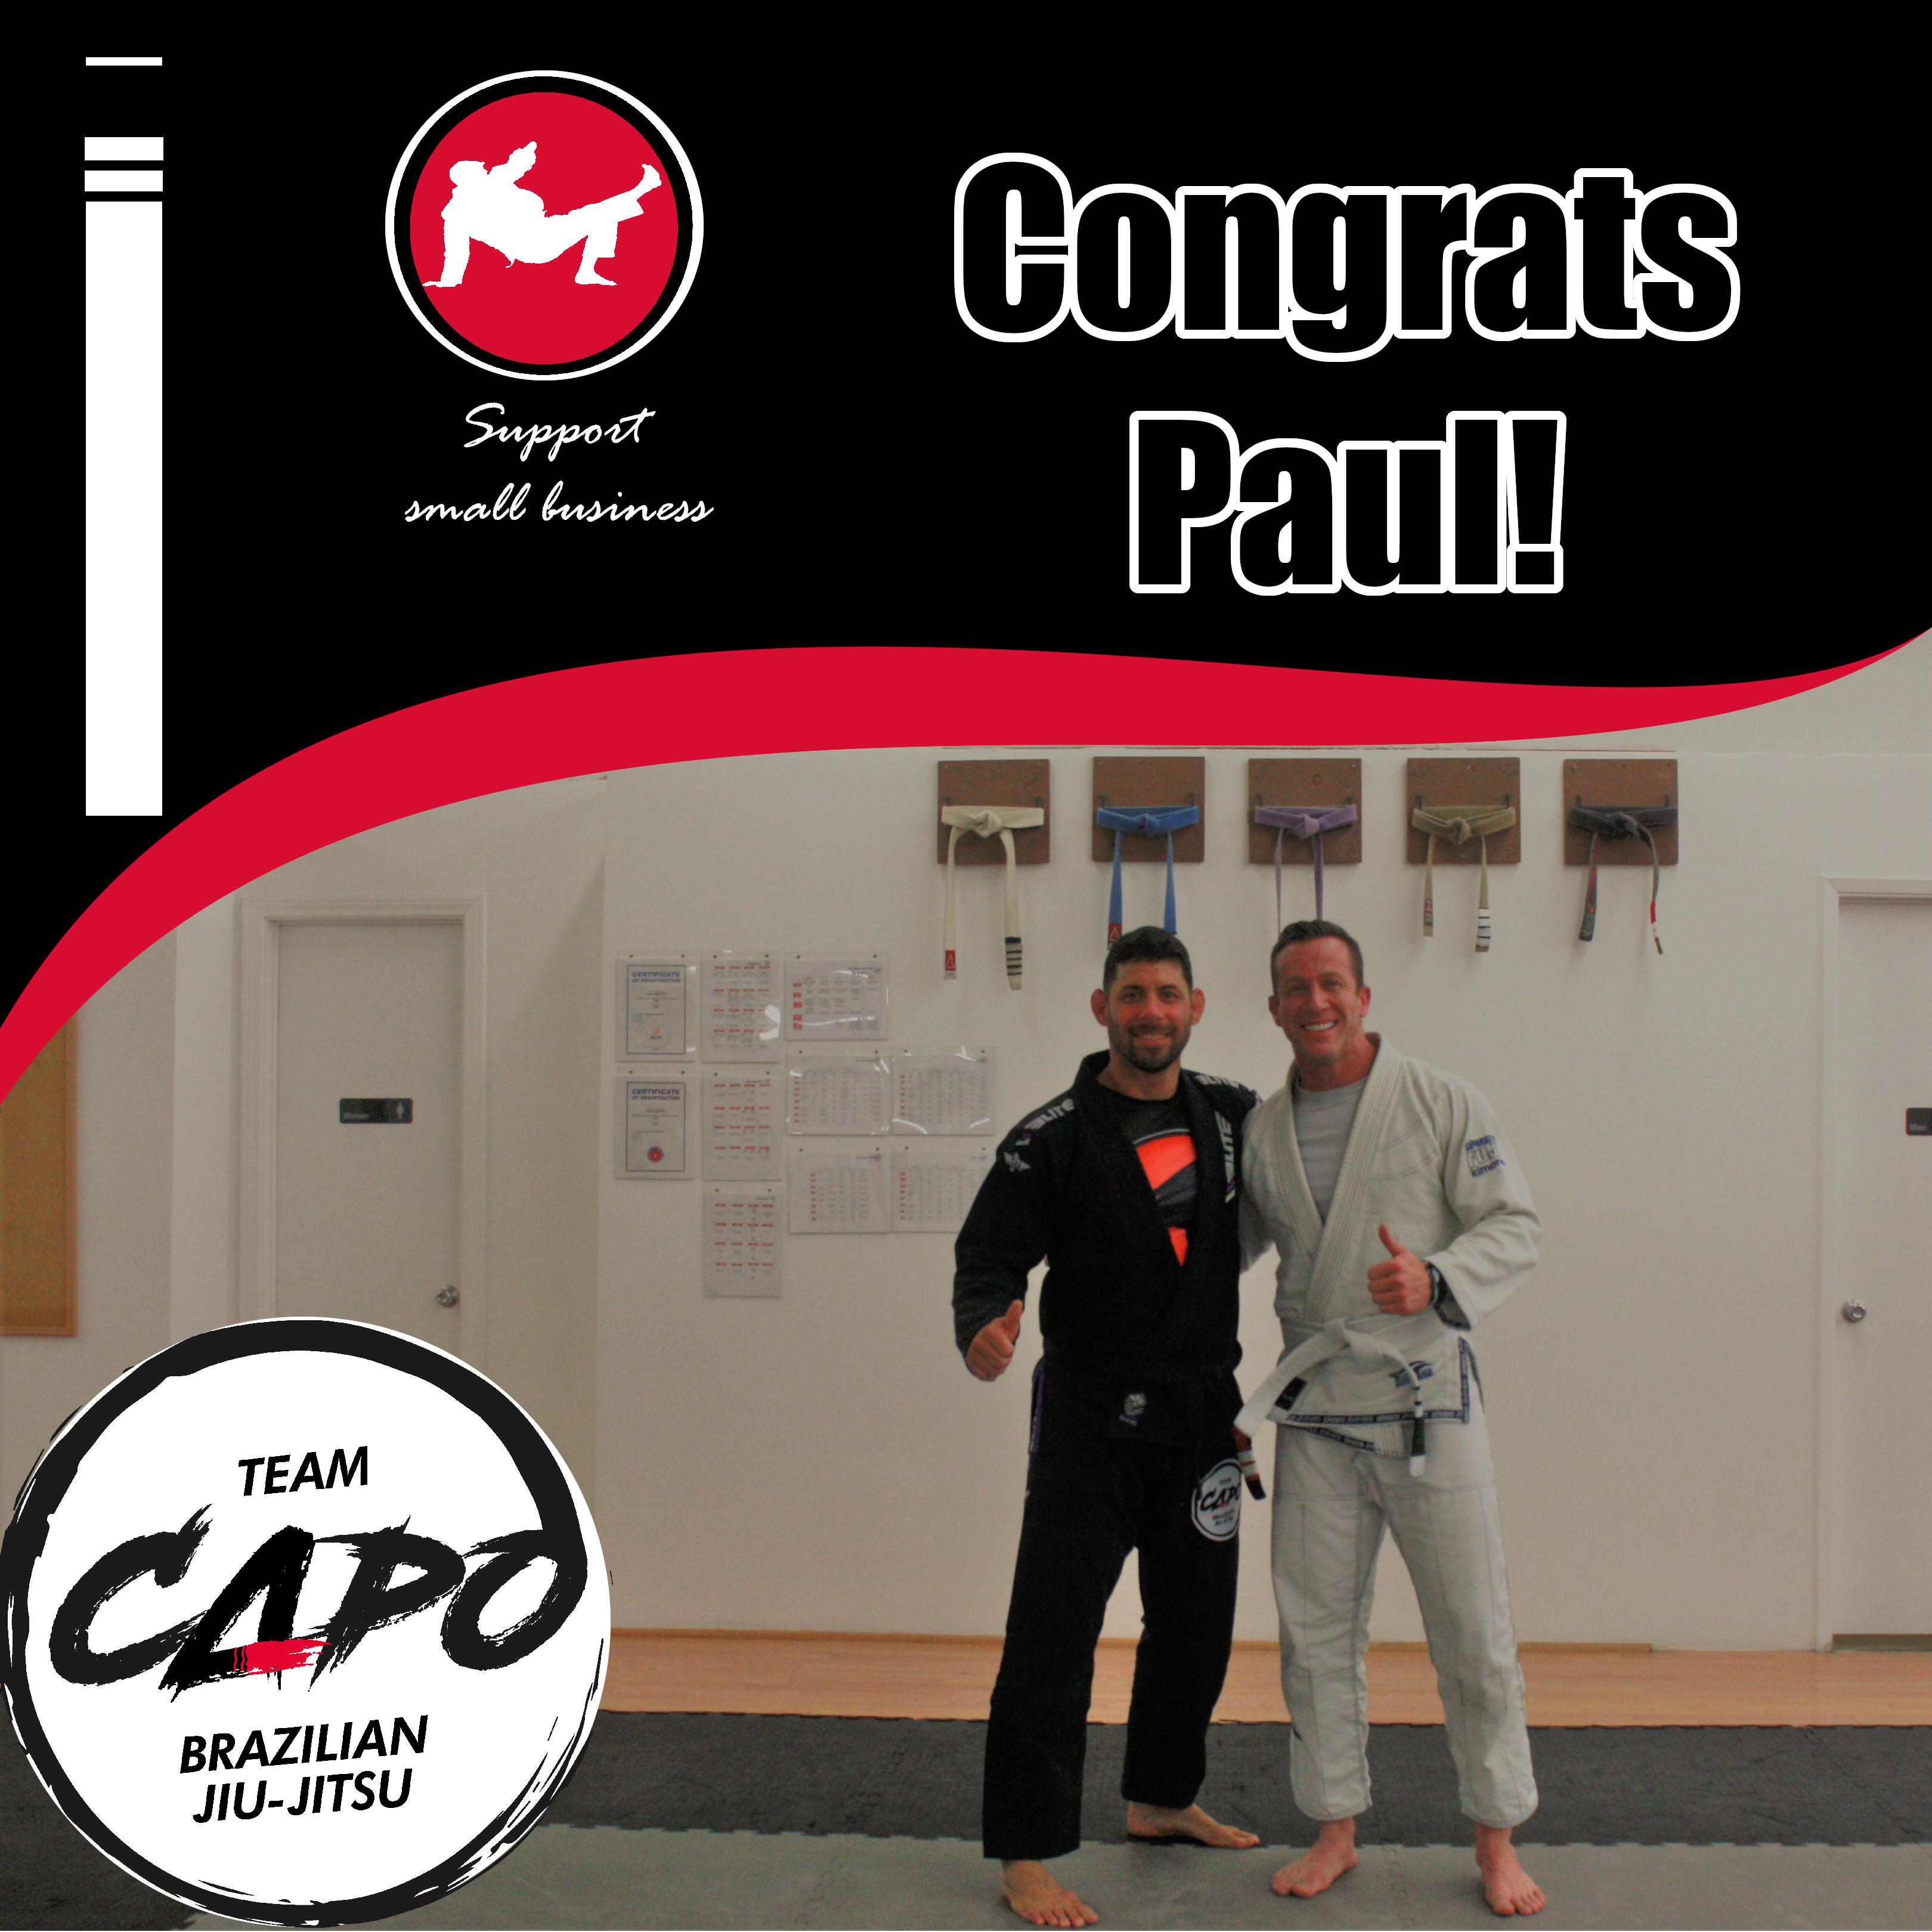 Congrats Paul!